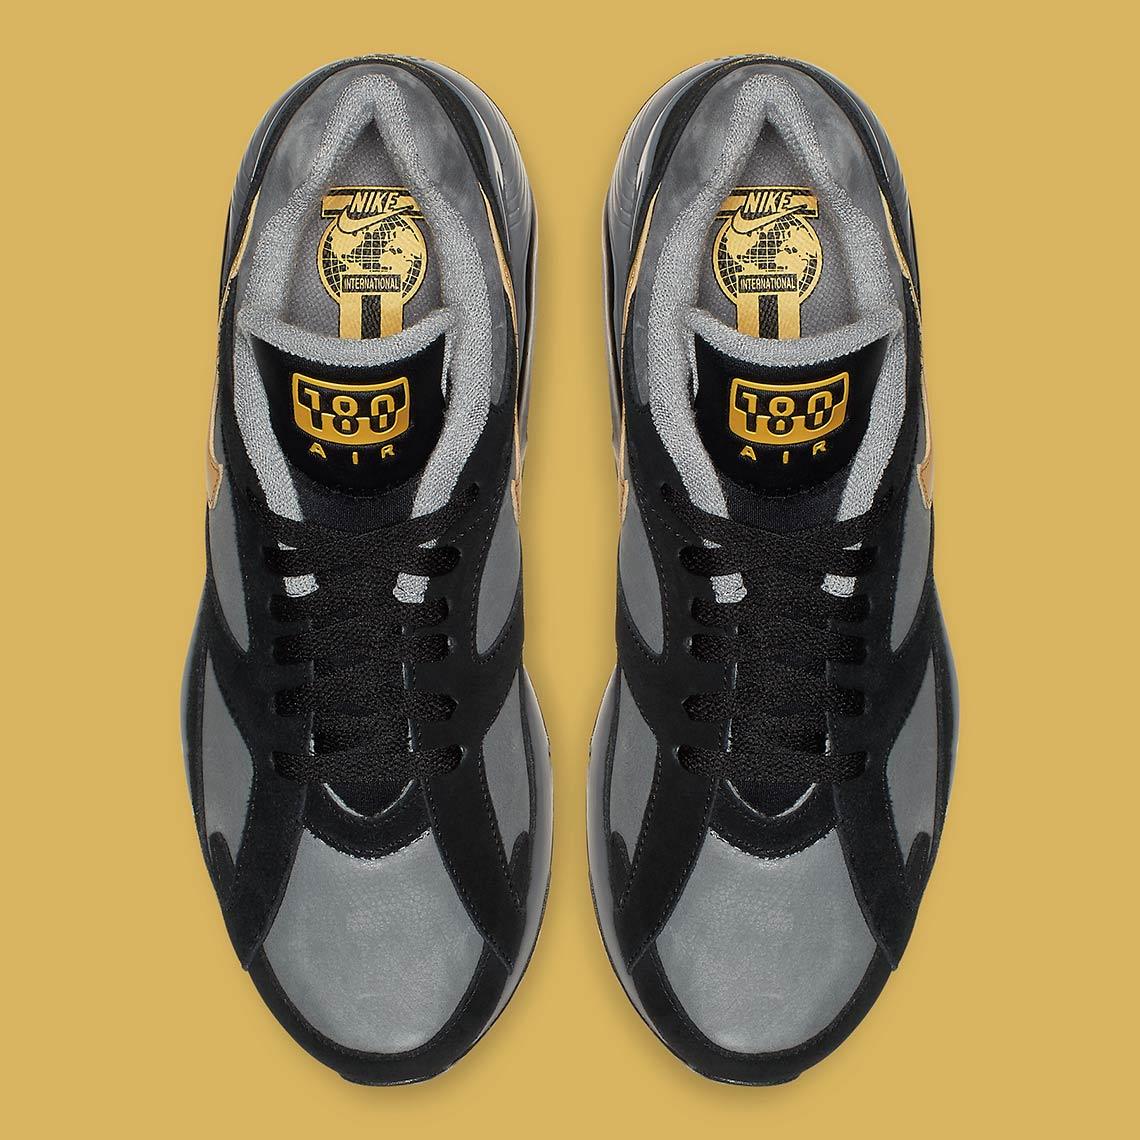 nike air 180 grey gold av7023 001 1 - Nike Air 180 Grey + Gold AV7023-001 Release Info